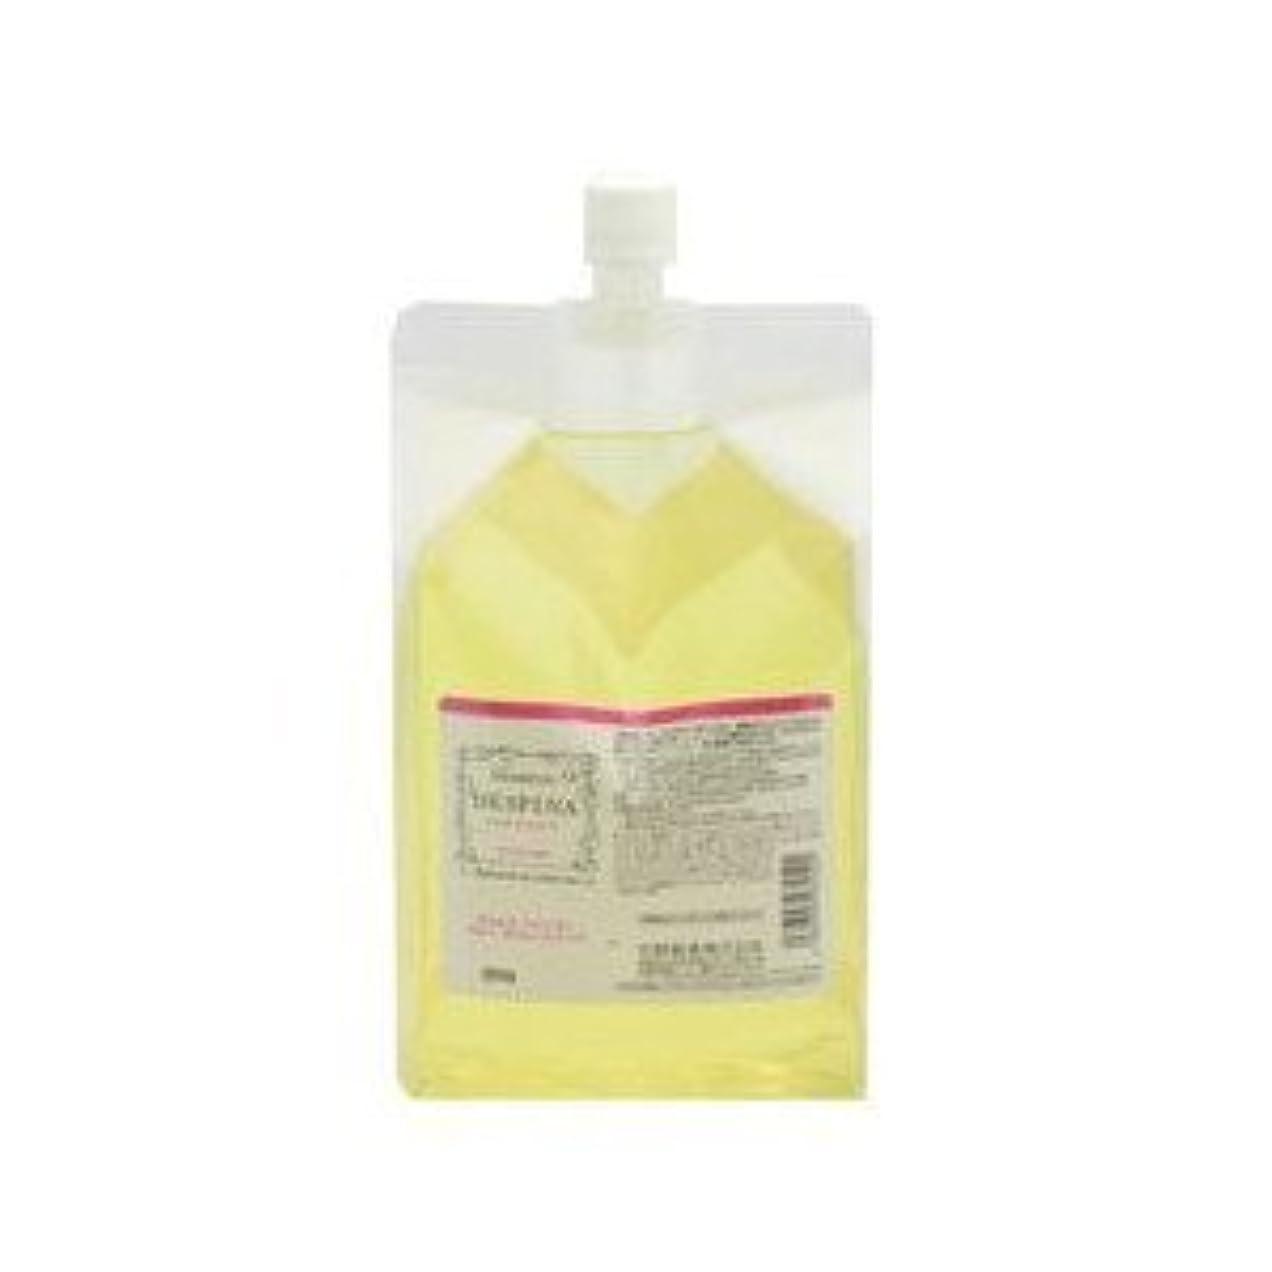 アーチバウンスほこりっぽい中野製薬 デスピナ シャンプー カラー ボリュームアップ 1500ml